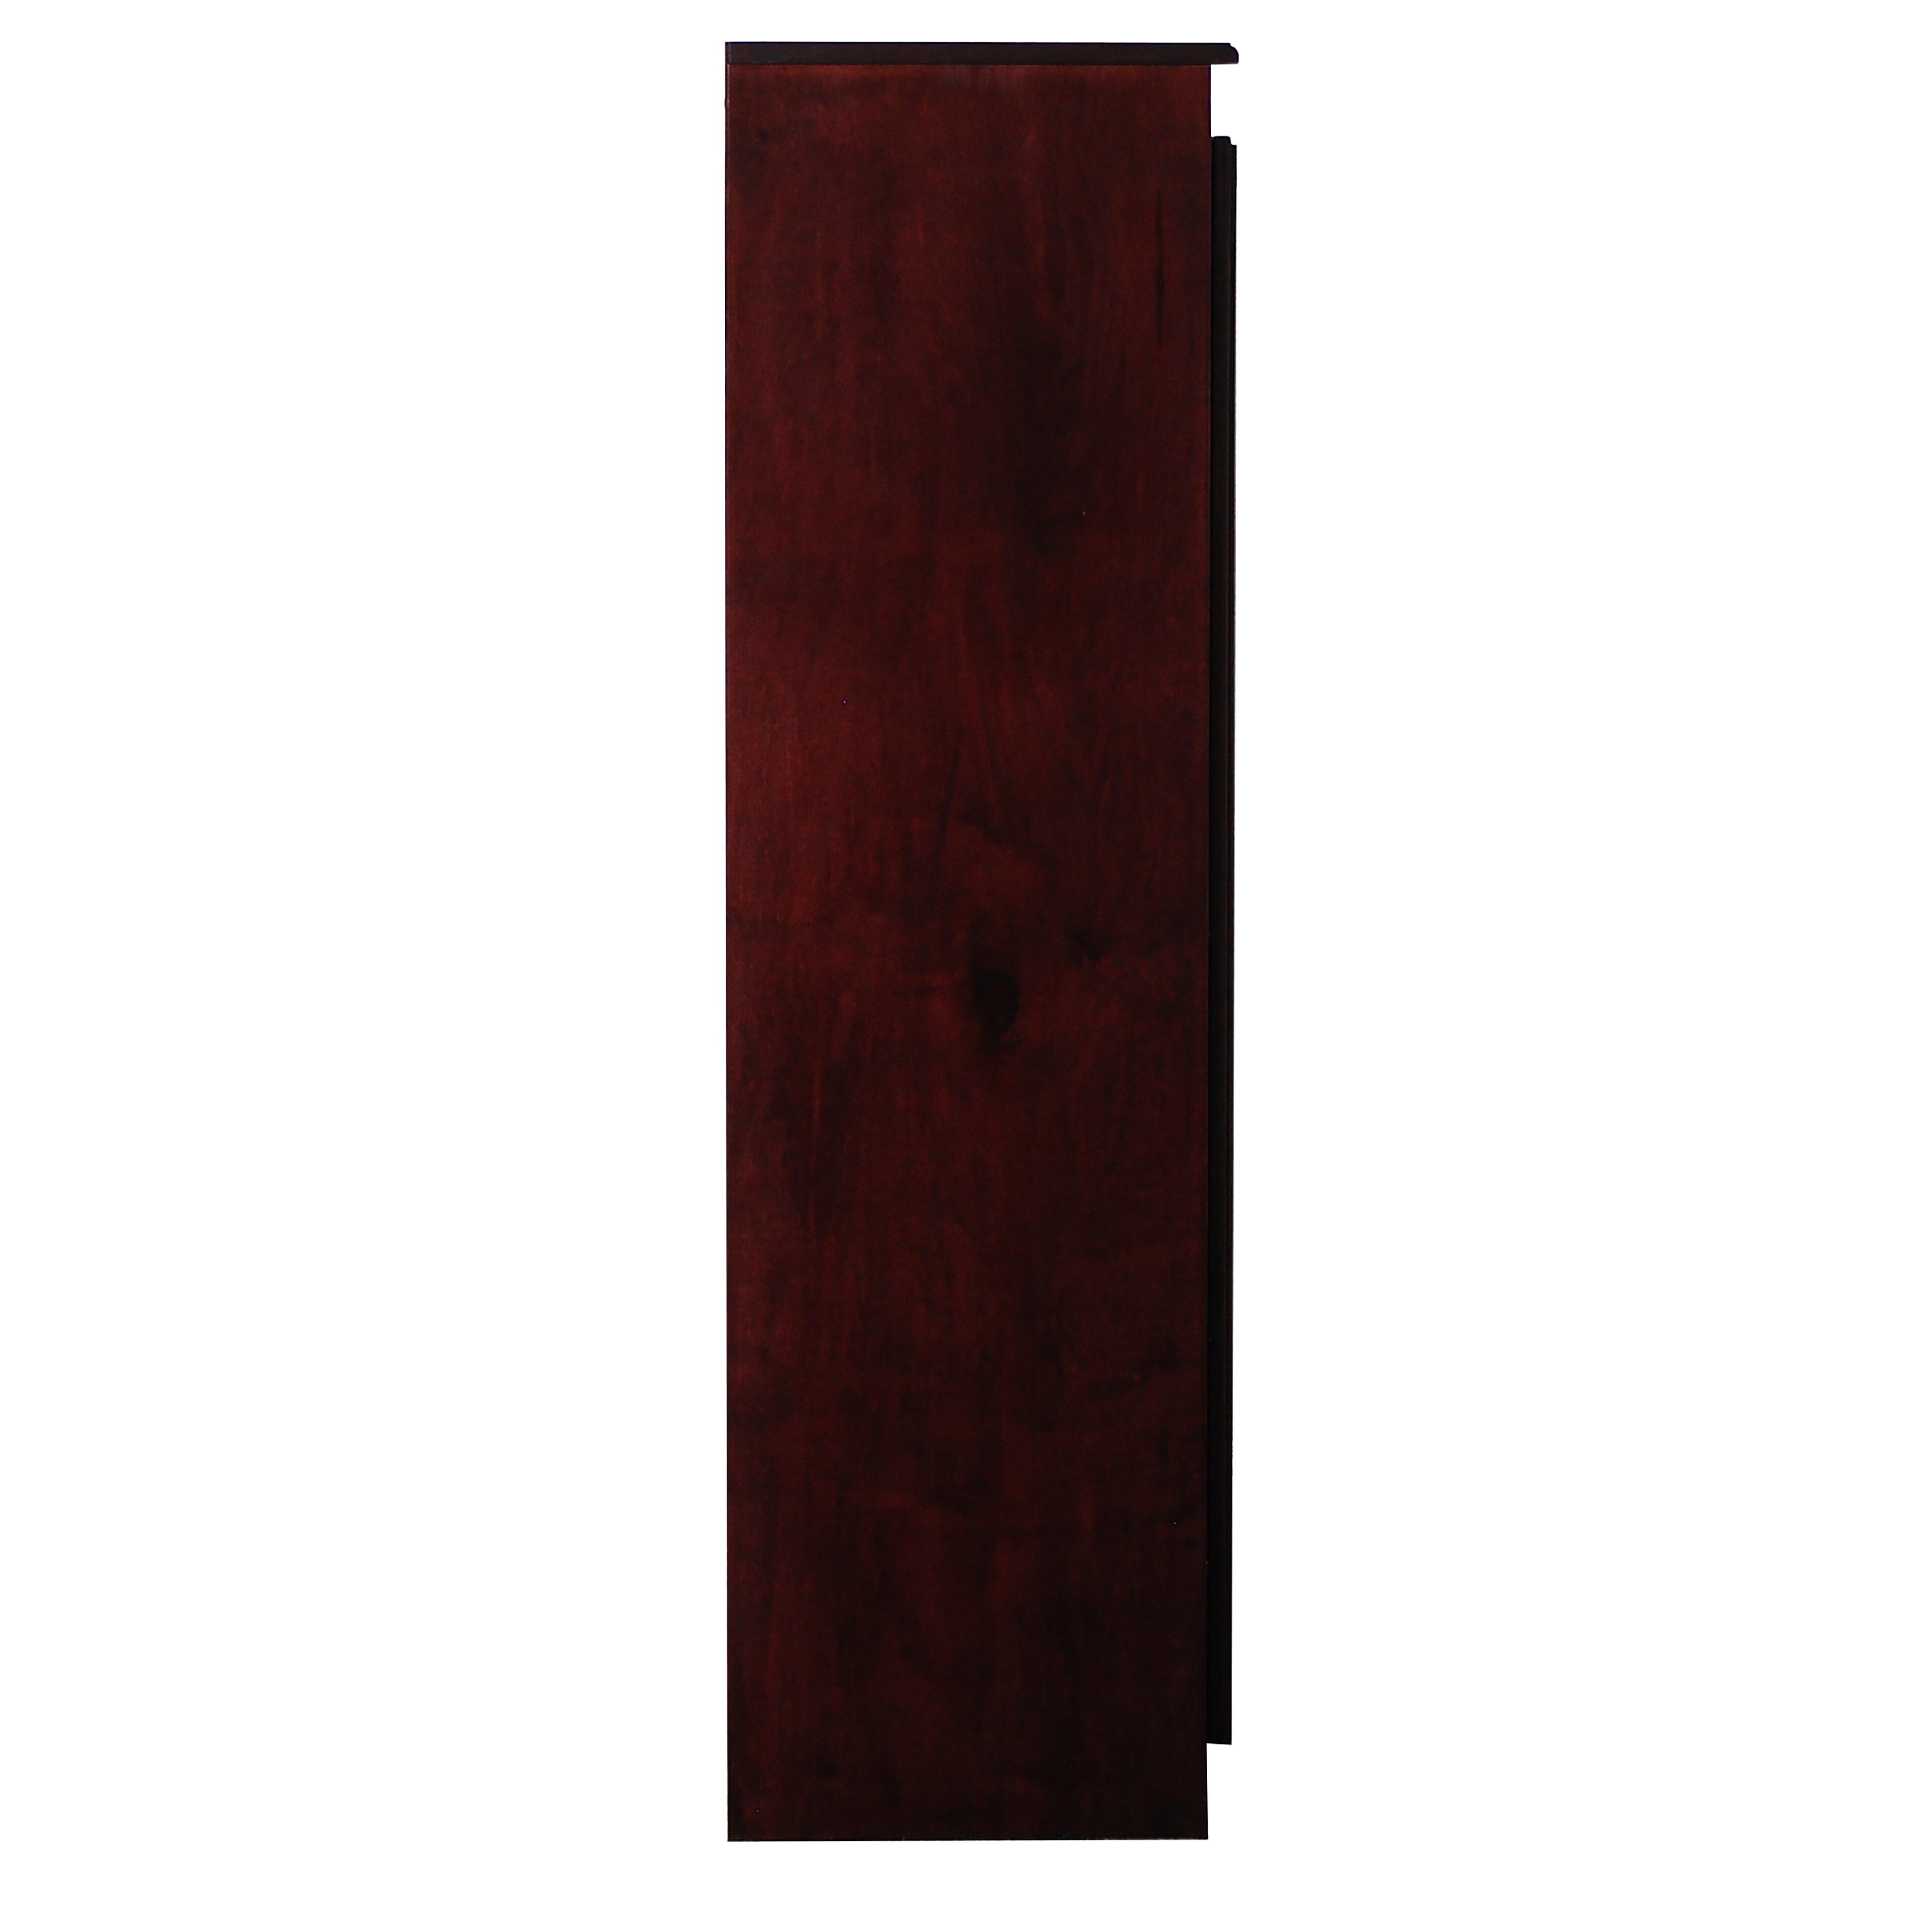 Storage Cabinet Wood Darby Home Co Fellers 2 Door Storage Cabinet Reviews Wayfair